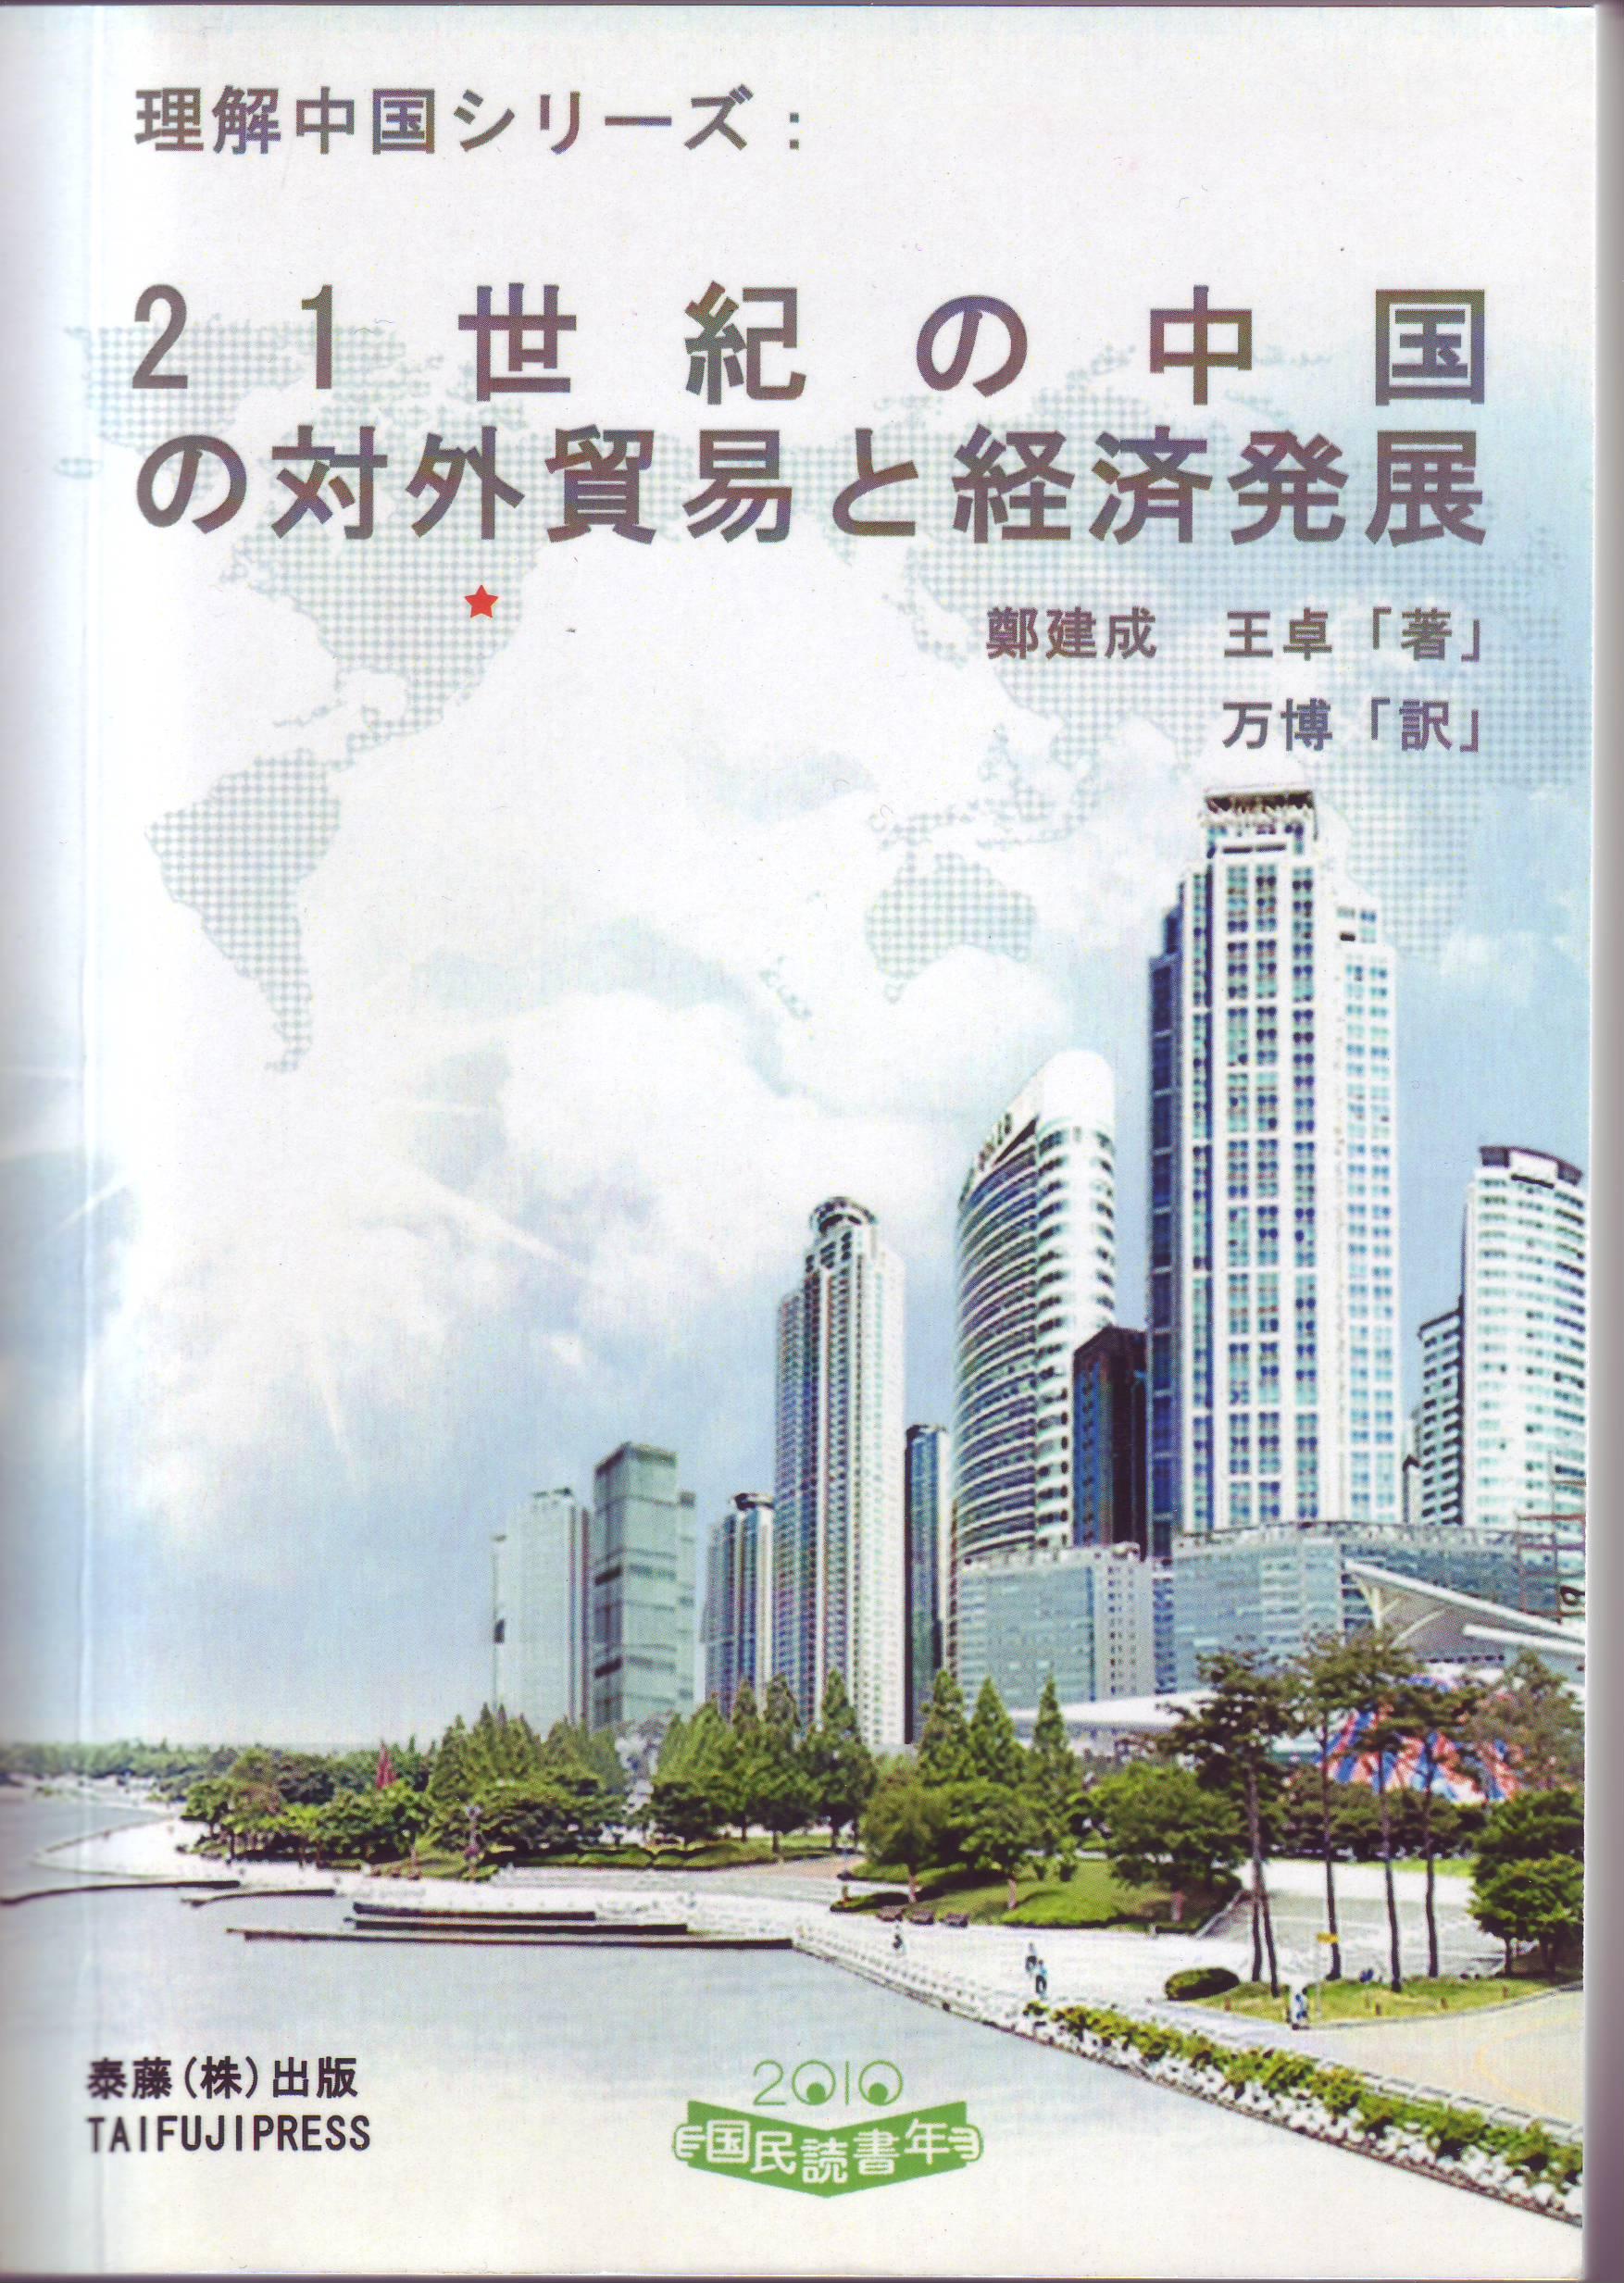 21世纪经济发展前景_...评论】  张东方向21世纪经济报道记者表示,高端化是公司品牌的发...